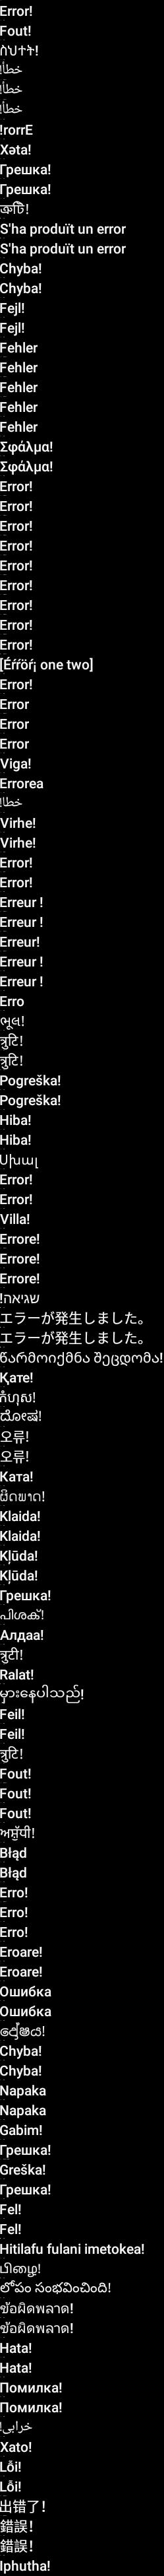 res-hdpi/images/error_text.png